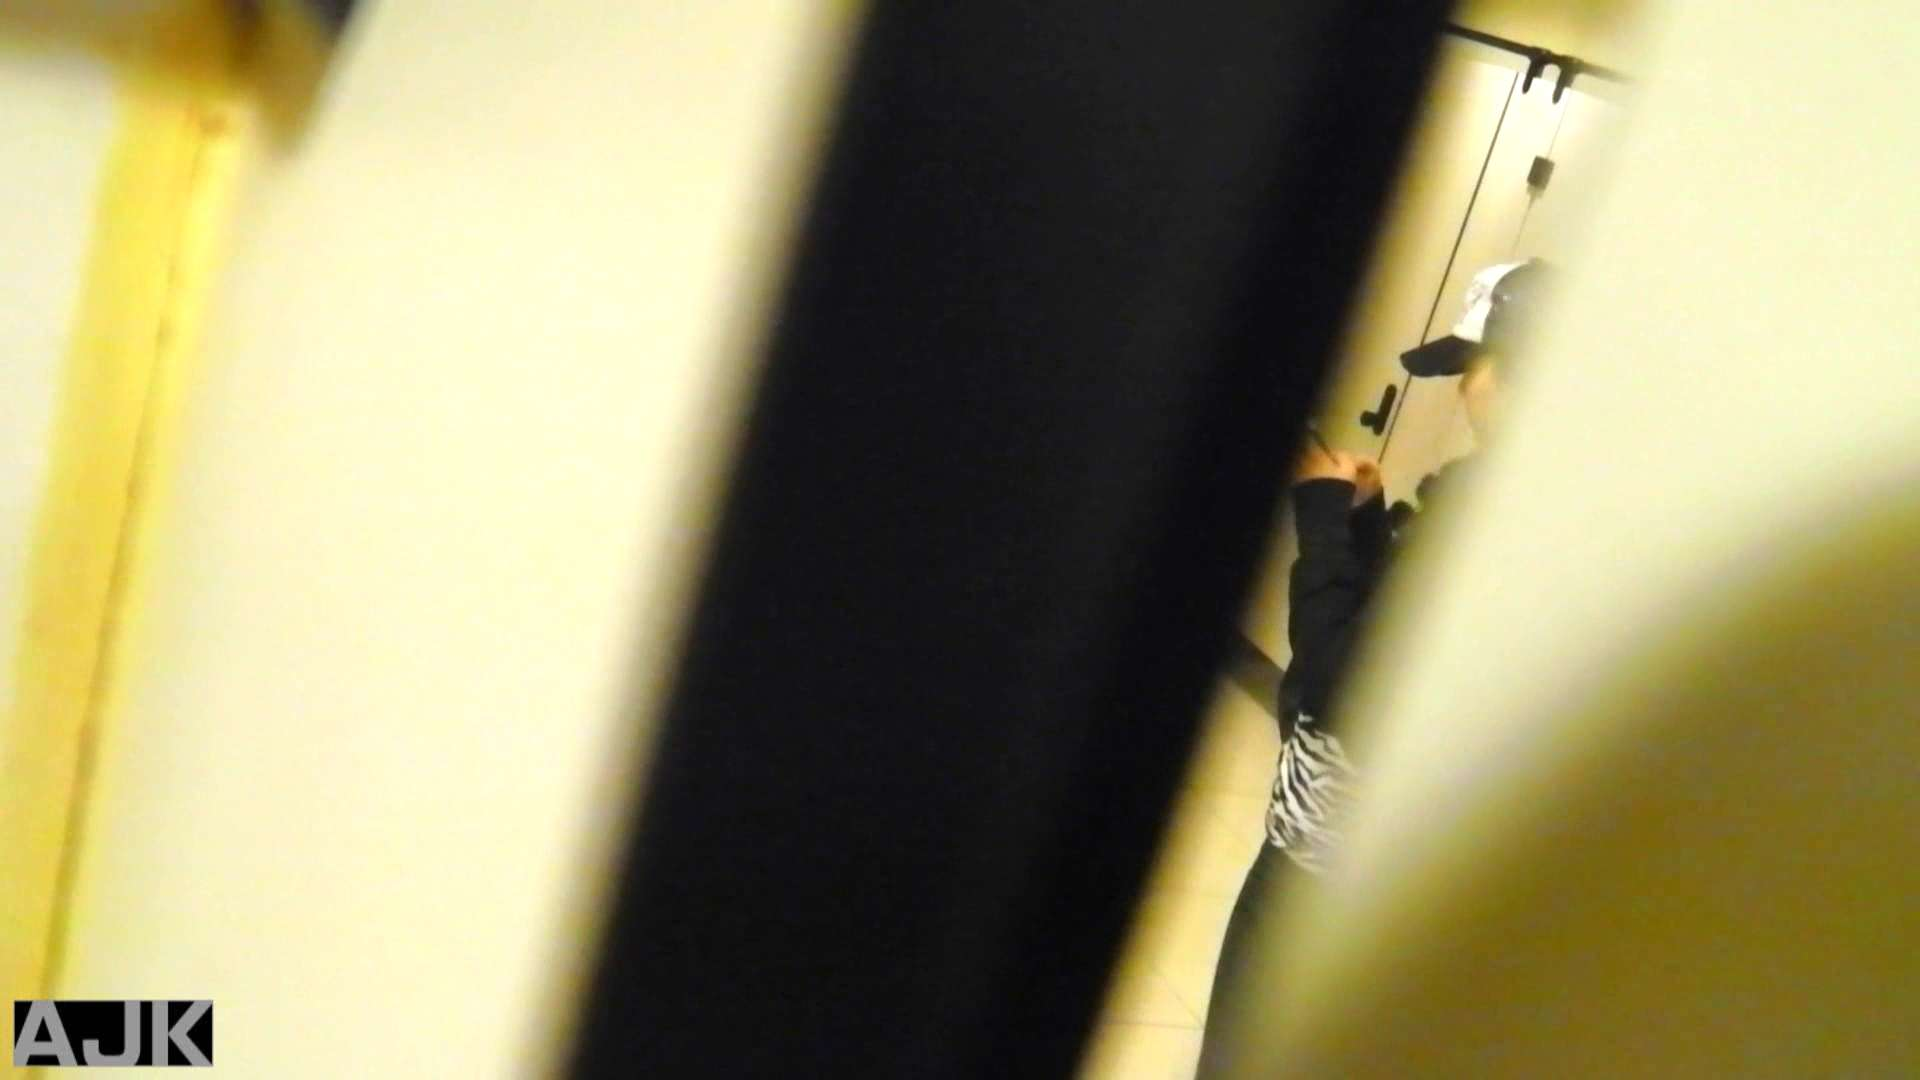 神降臨!史上最強の潜入かわや! vol.02 美女丸裸 オマンコ動画キャプチャ 103pic 75